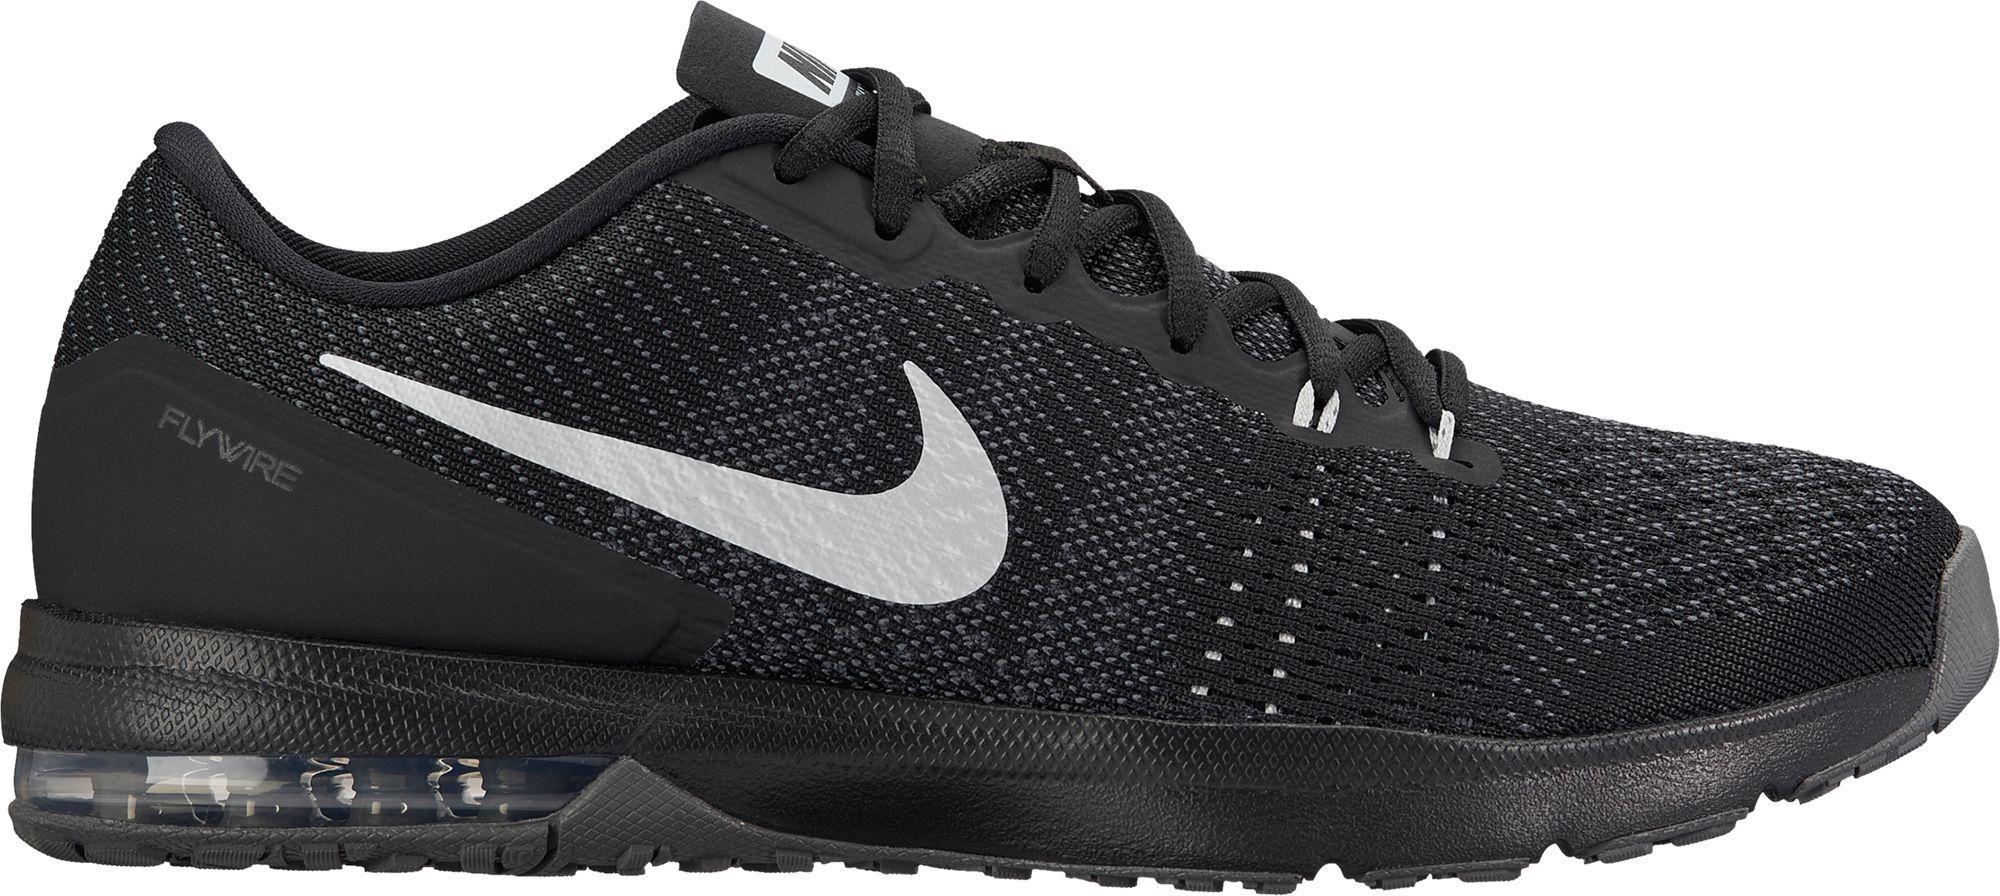 nike. mens metallic air max typha training shoes